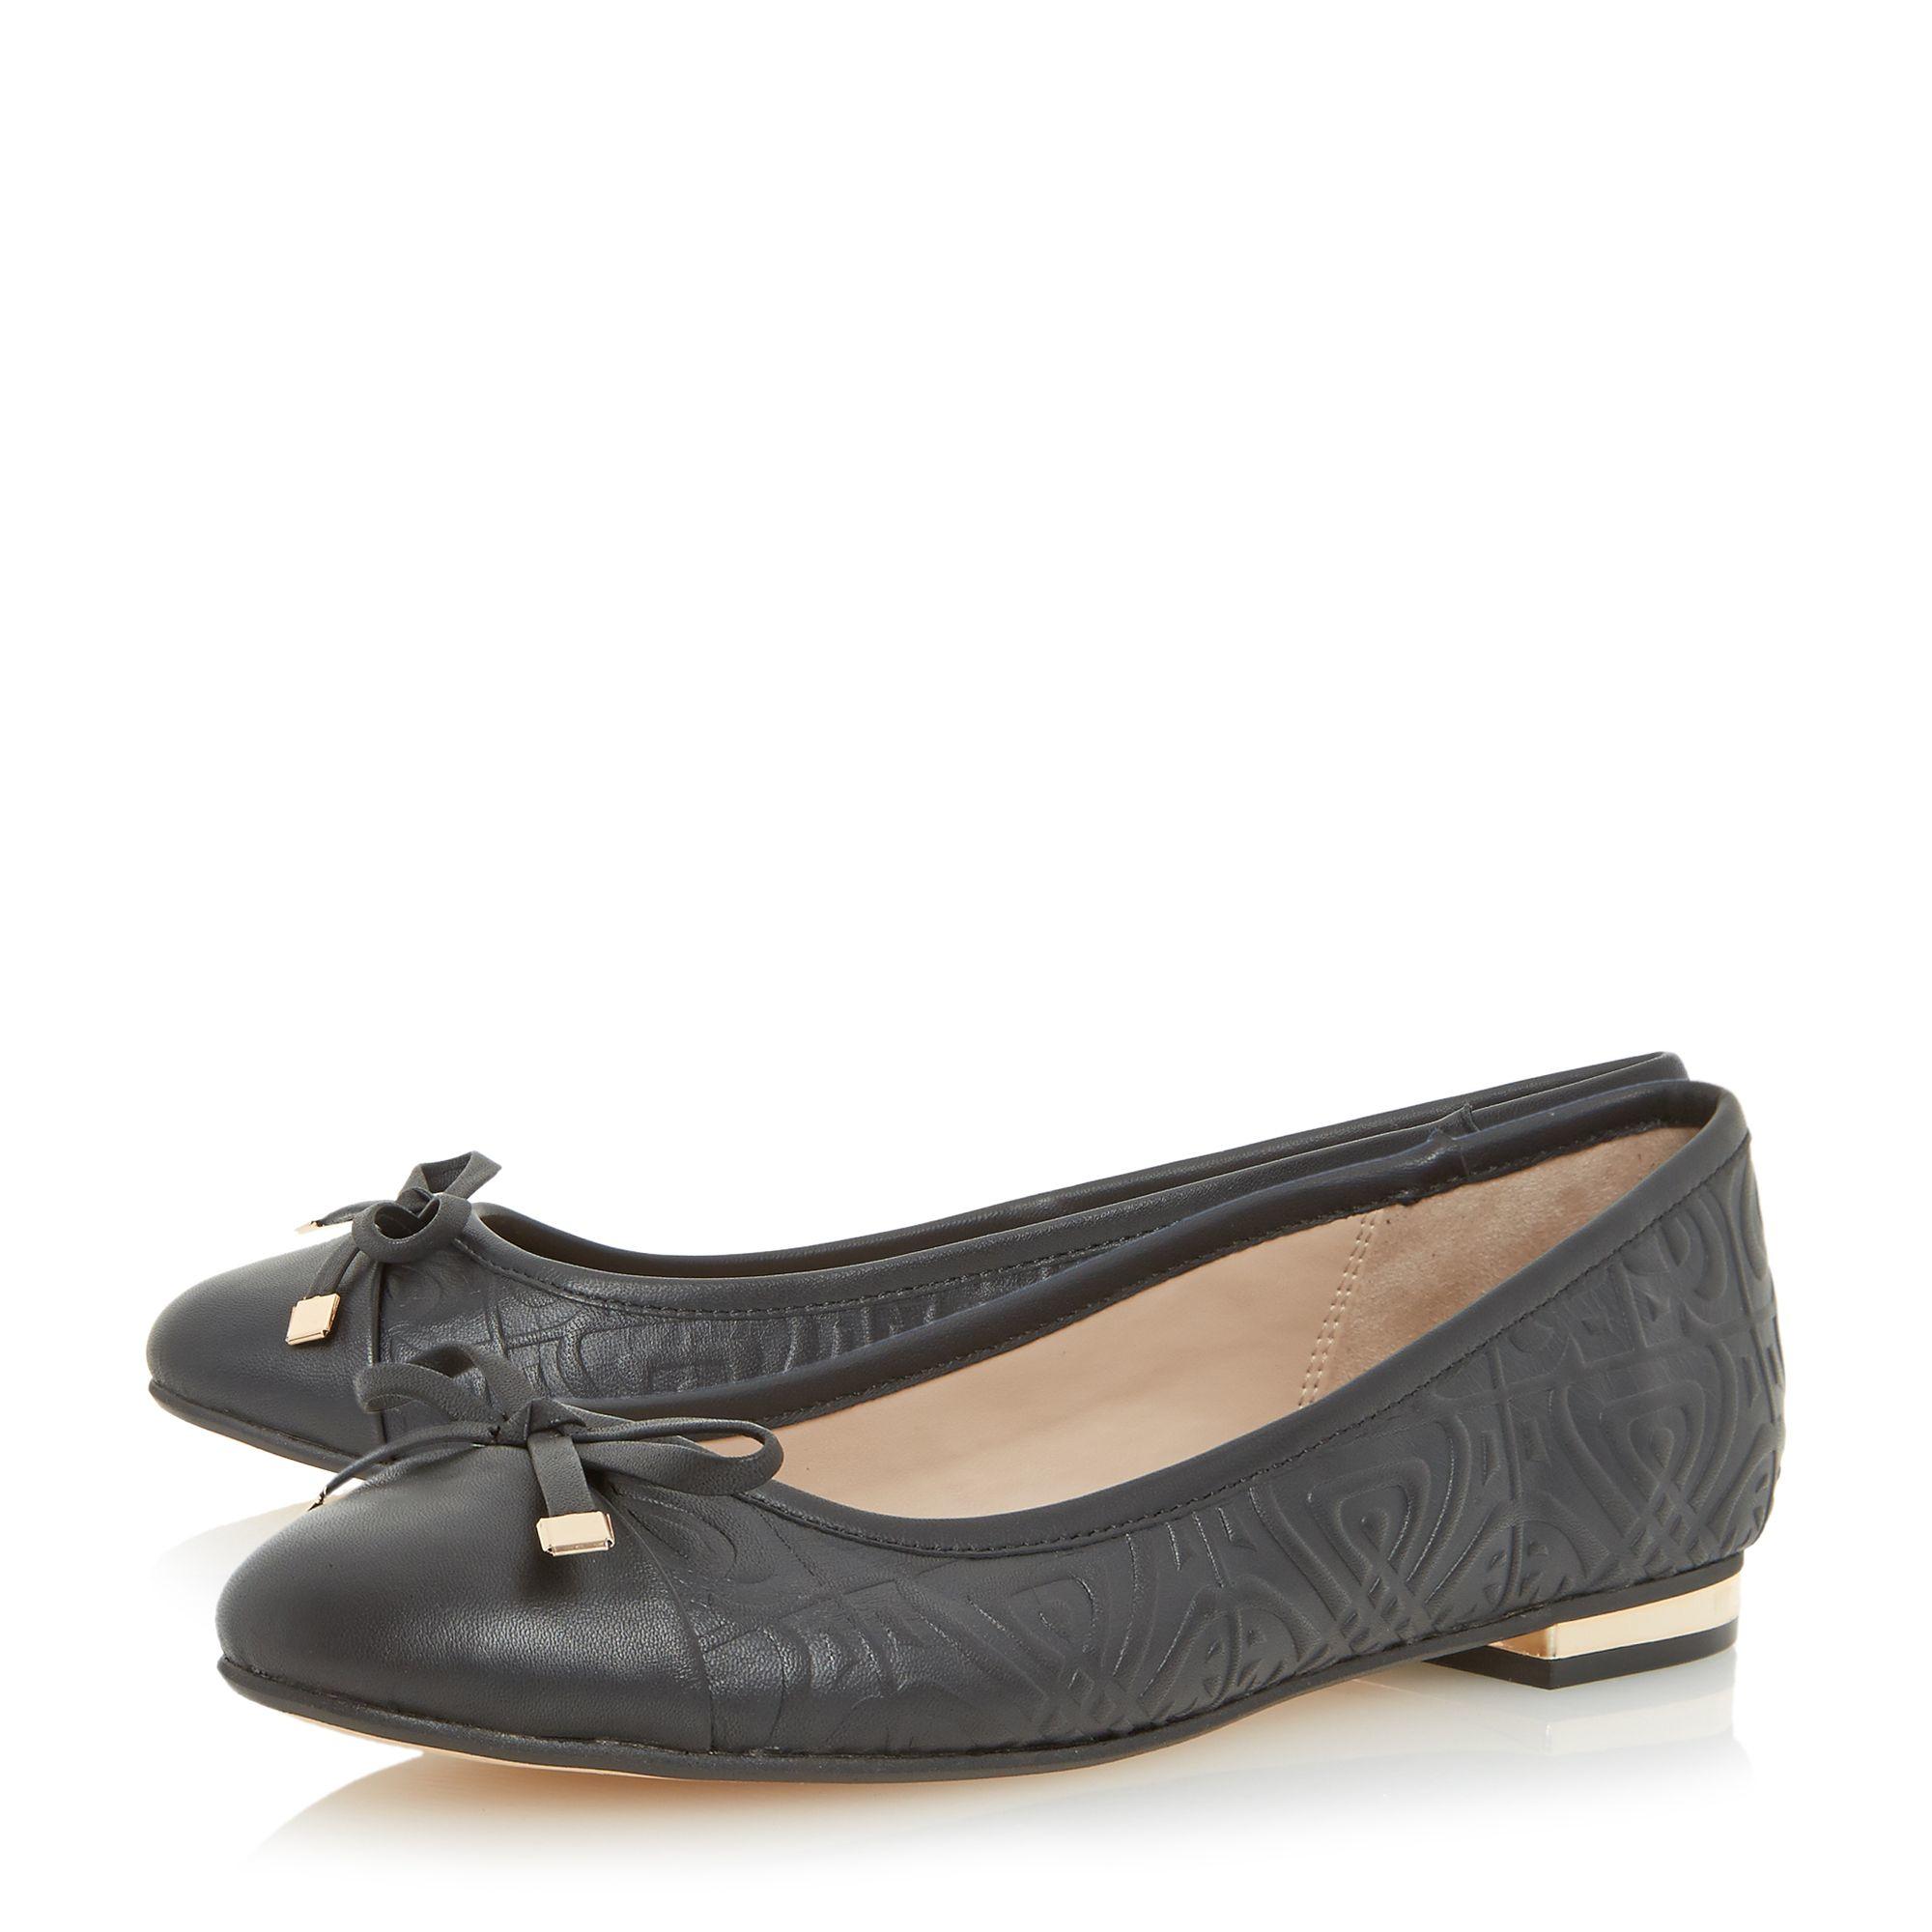 Biba Flat Shoes